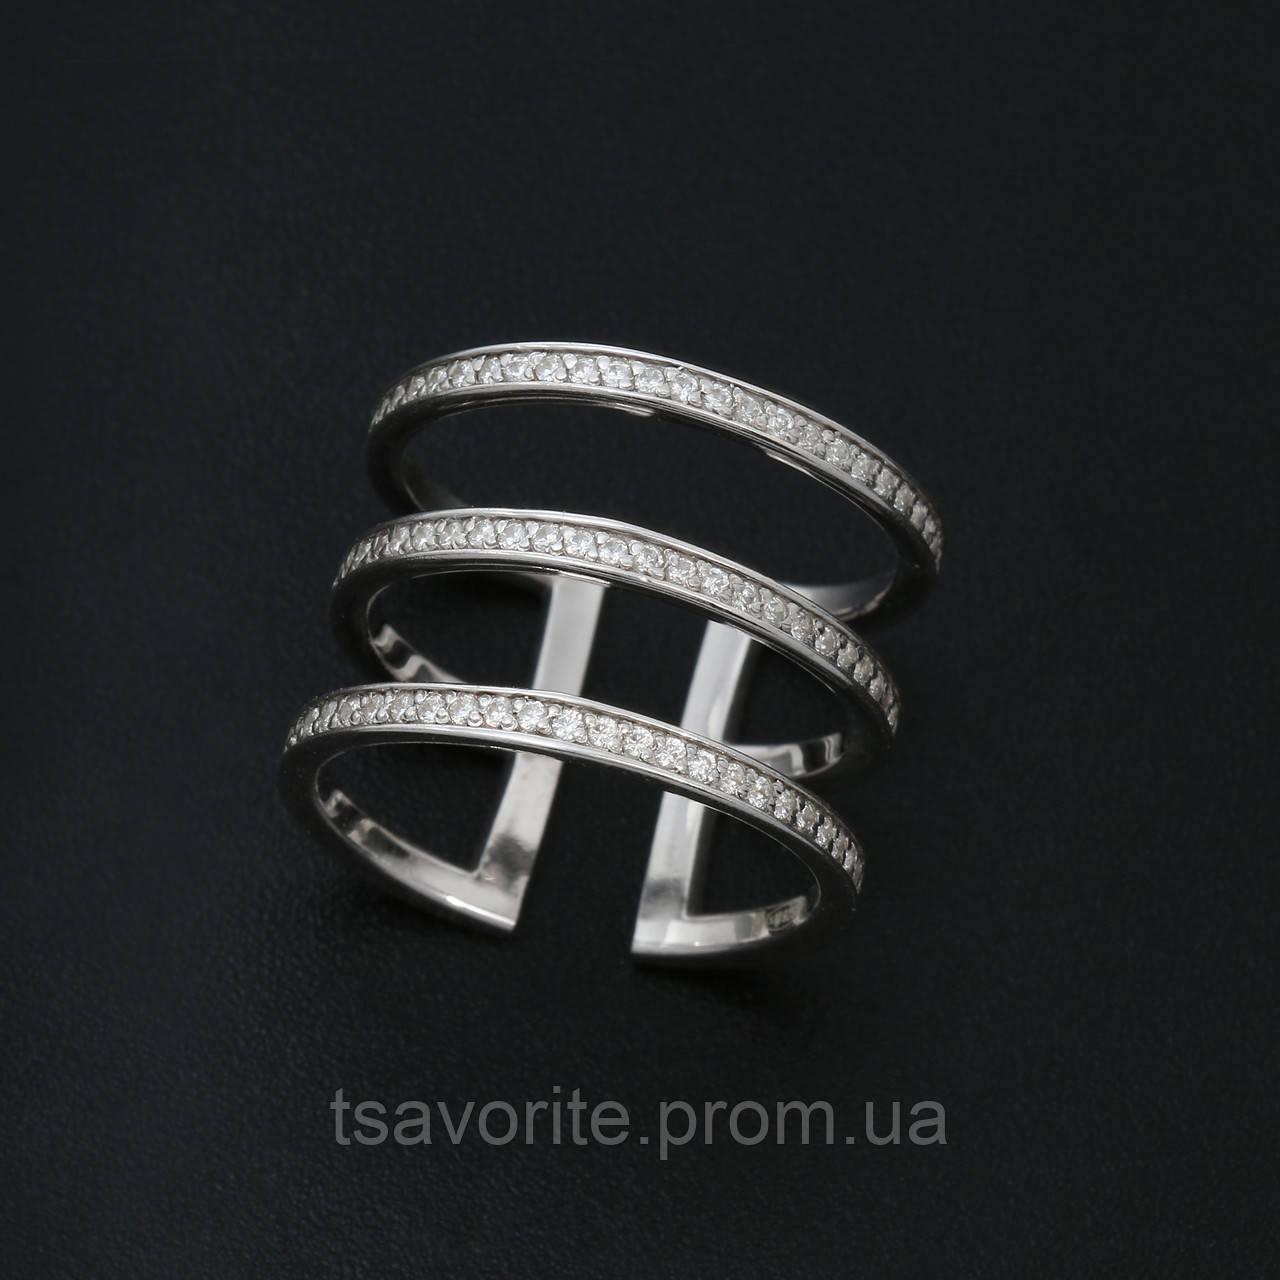 Серебряное кольцо КЖХ-43